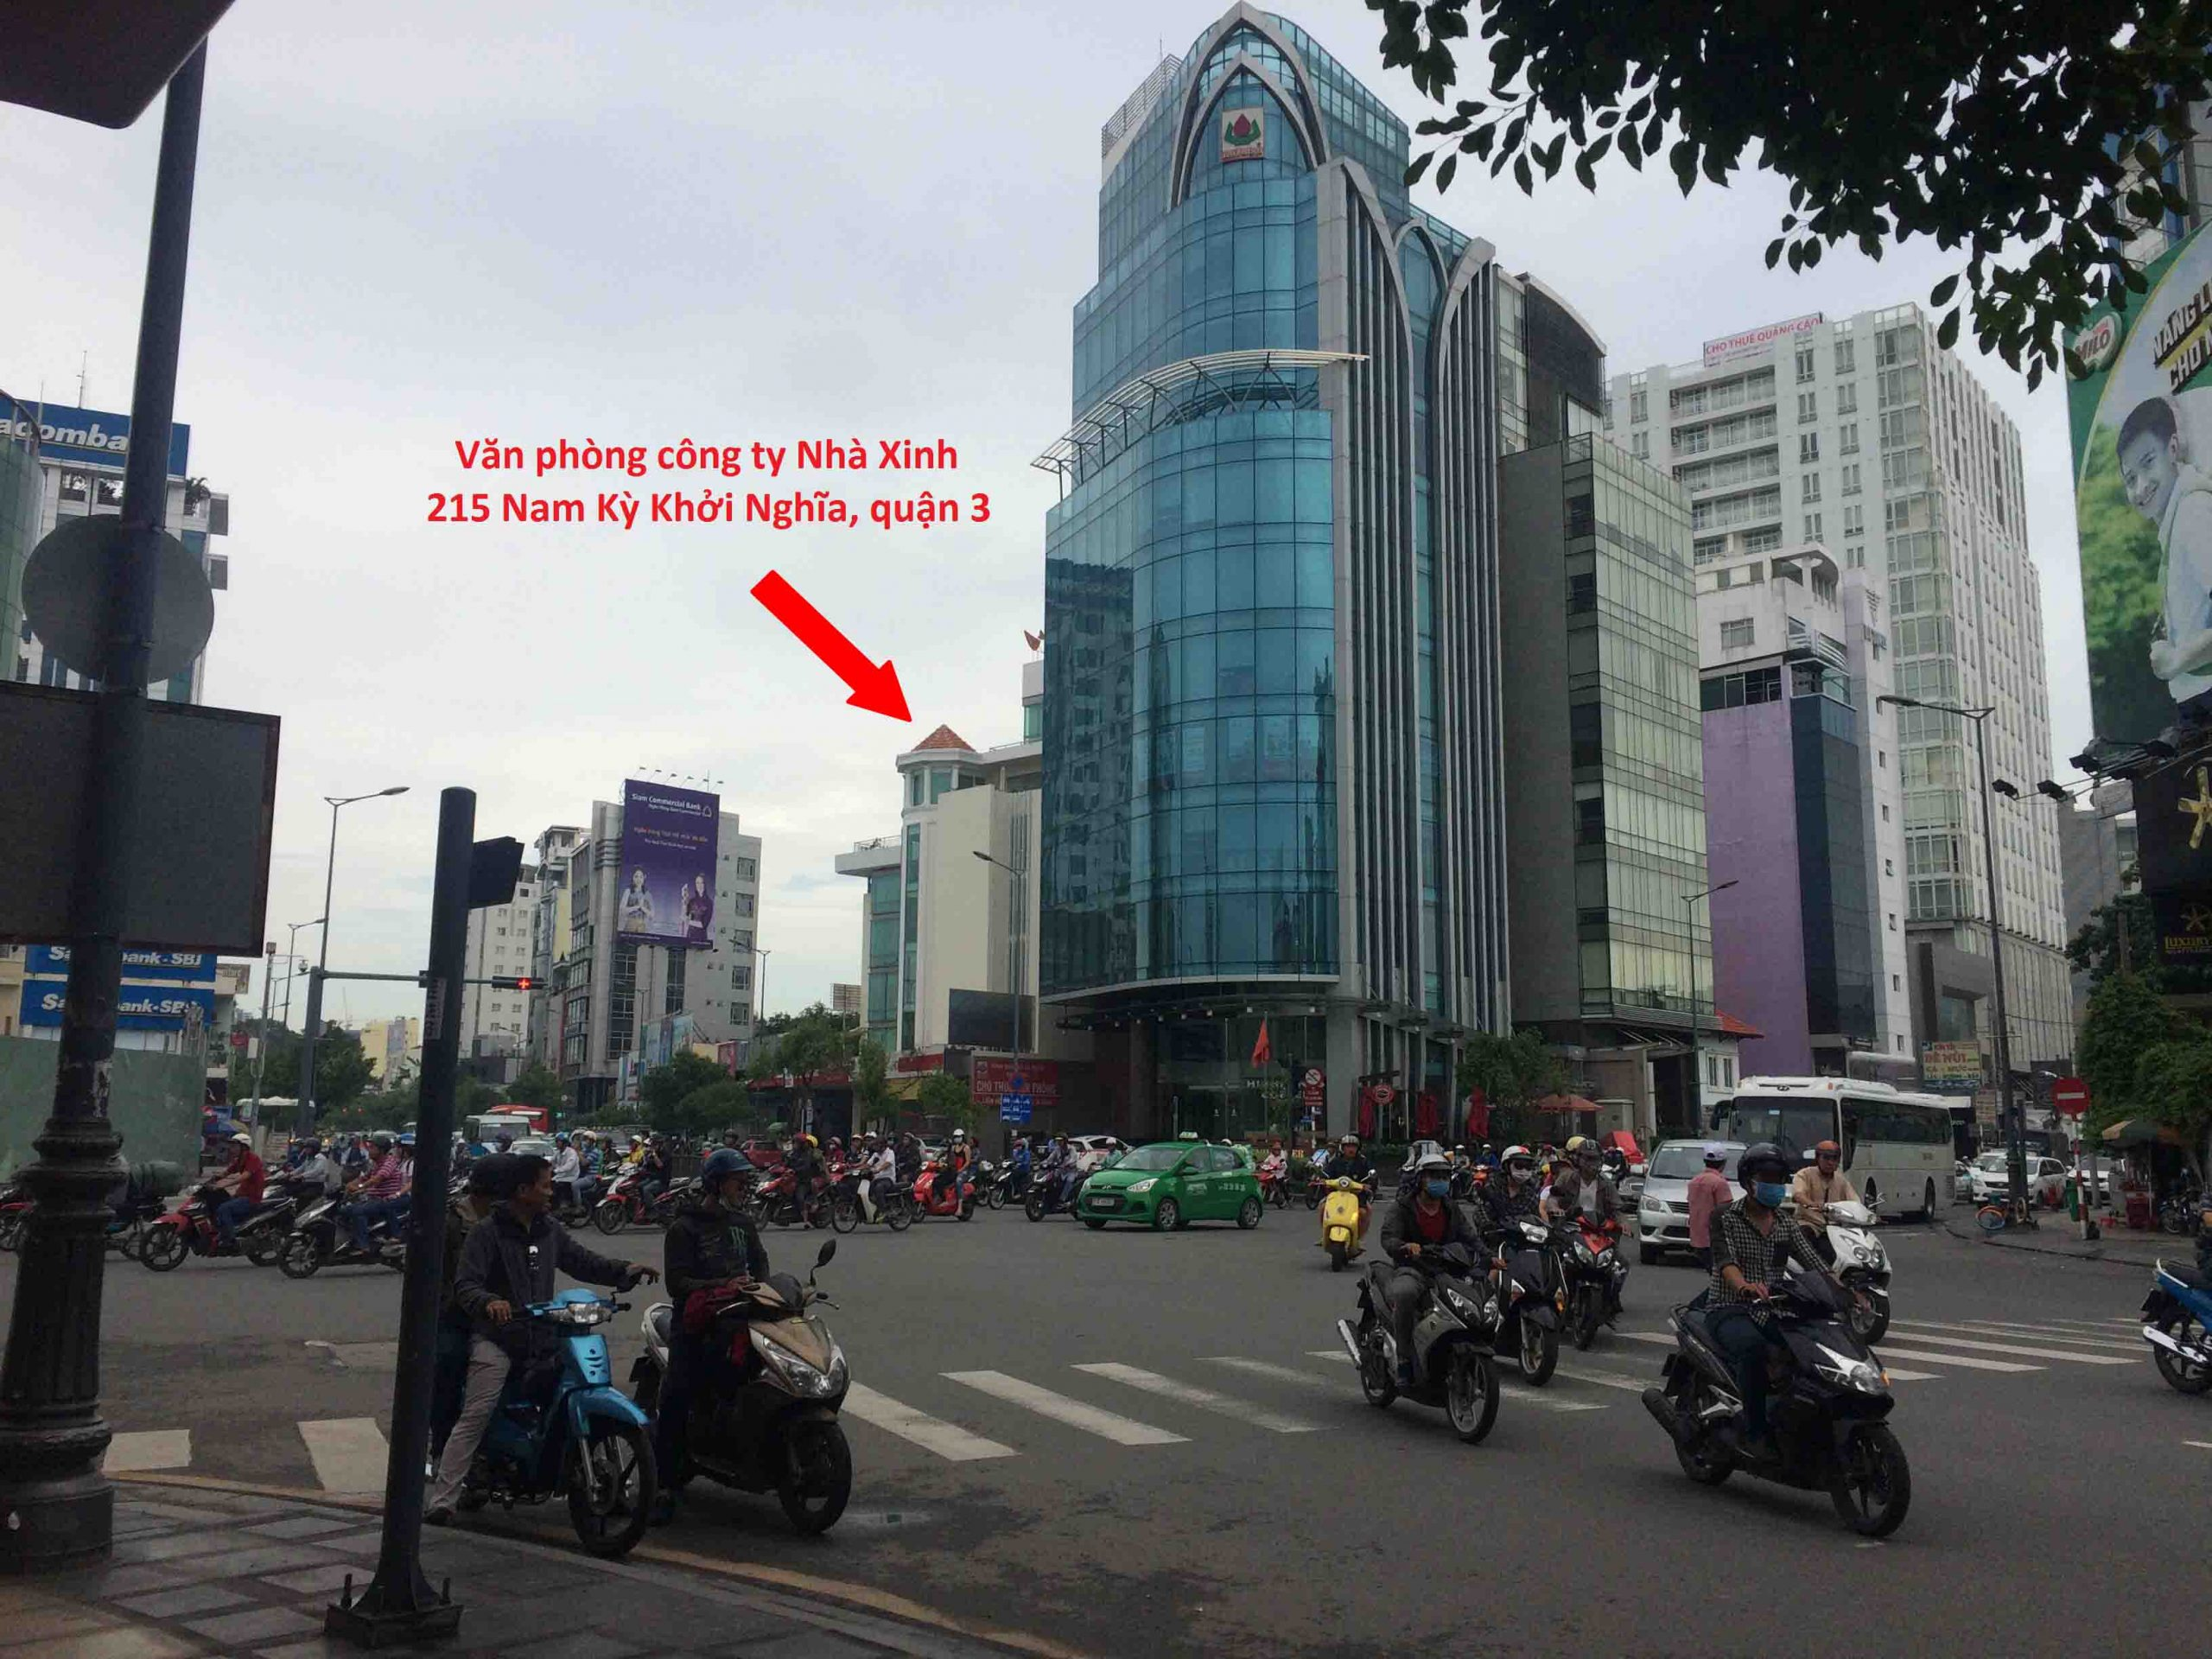 Chỉ đường Nhà Xinh